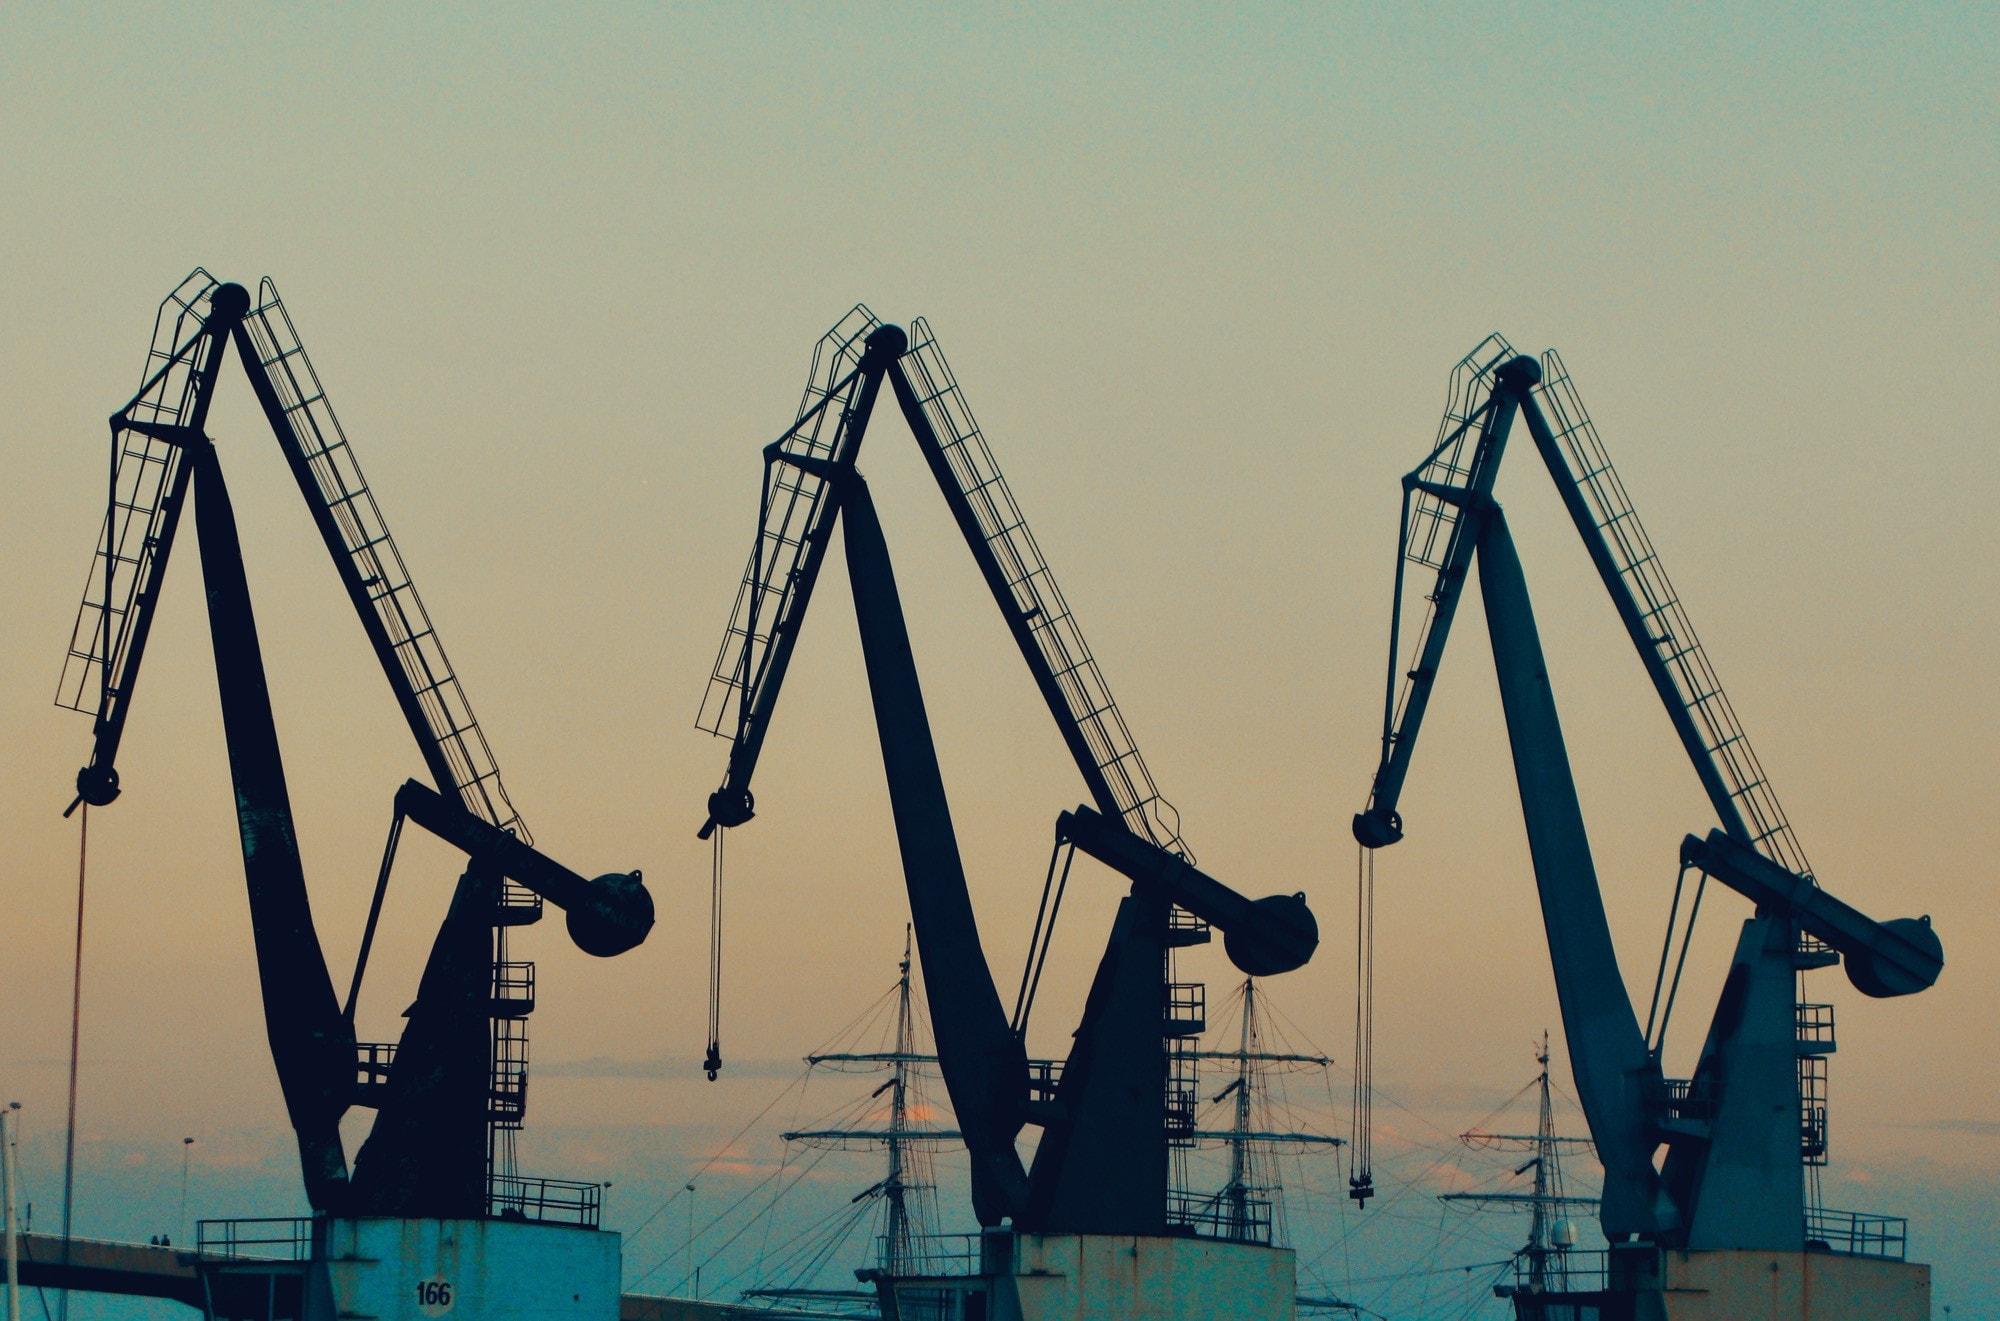 Hooks, on cranes.